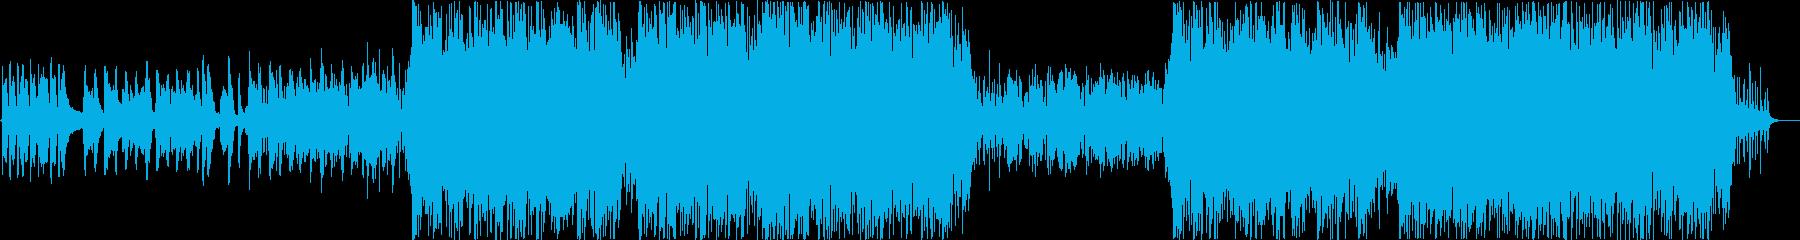 前向き感動系・王道ポップスバラードの再生済みの波形